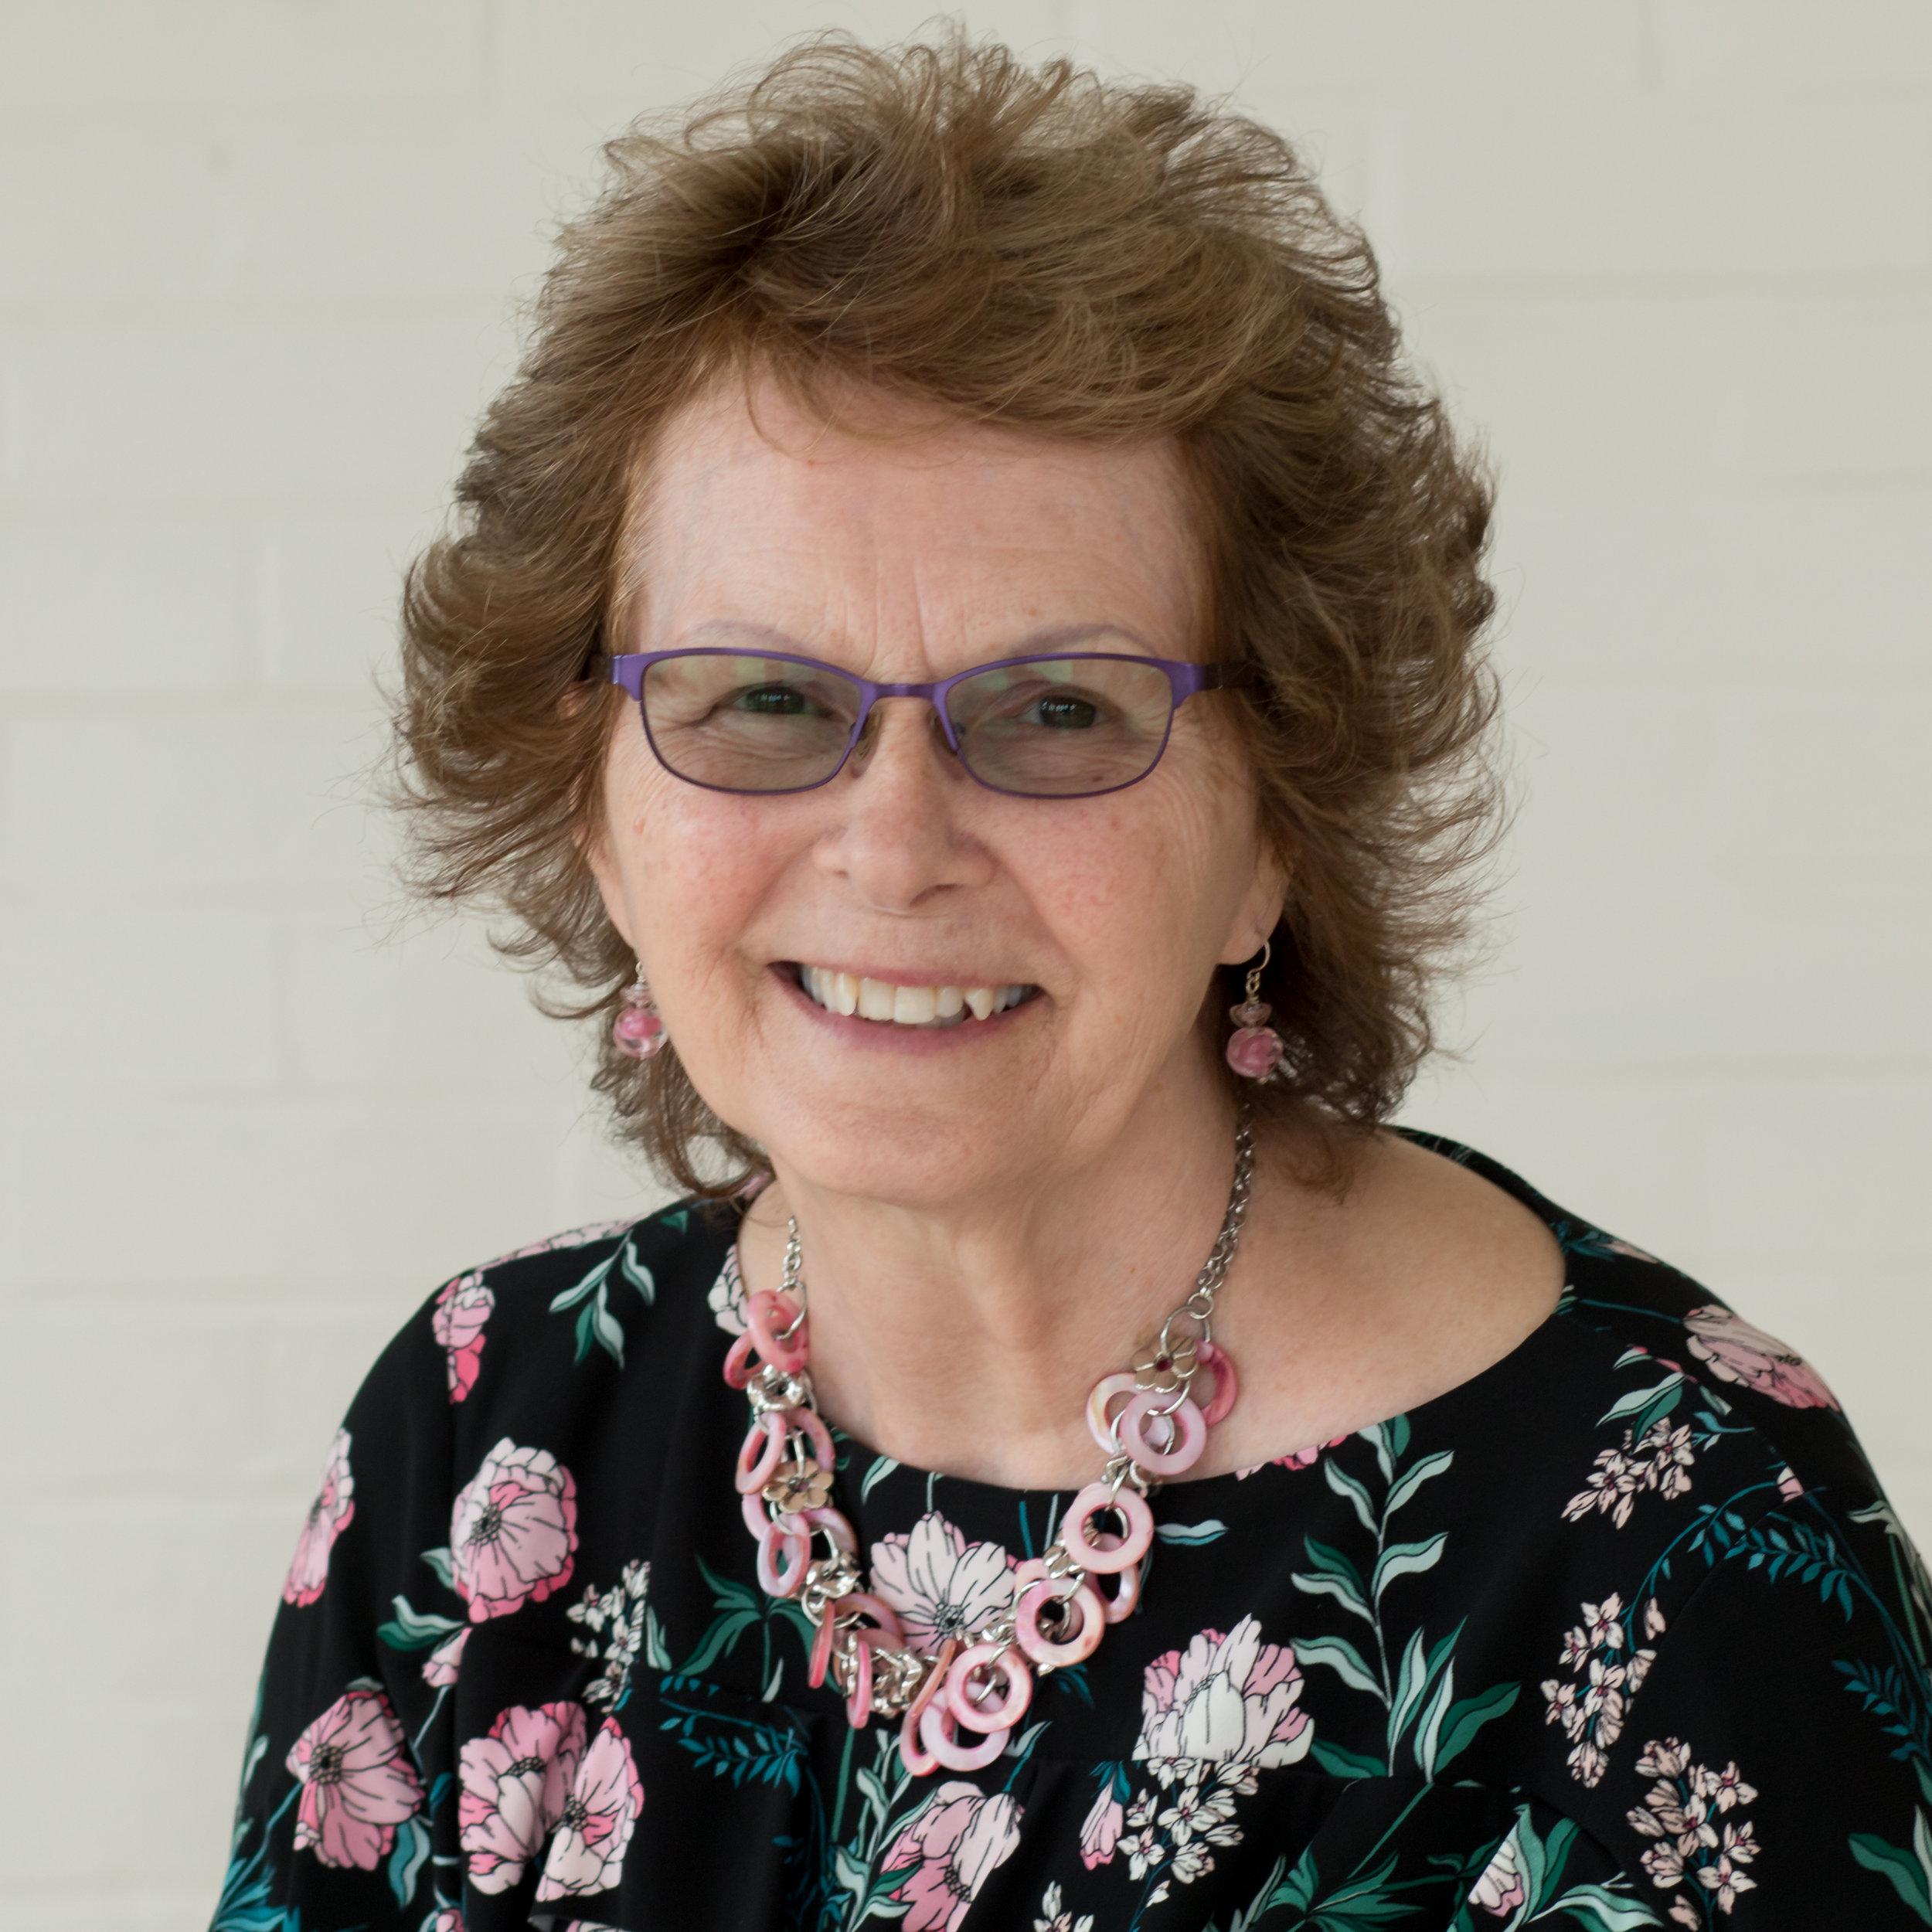 Marcia Pluim